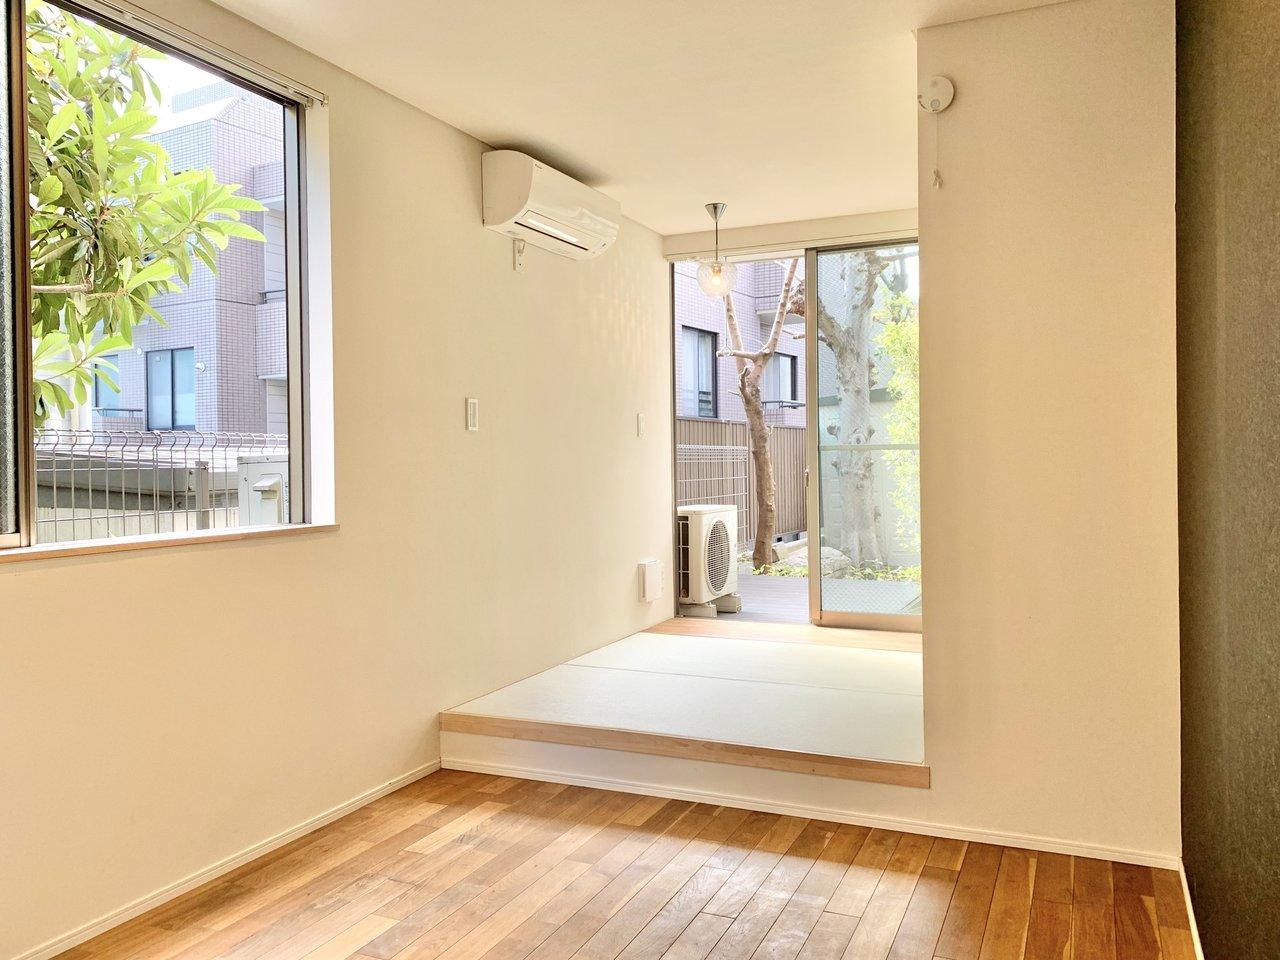 こちらは、無垢床と畳を掛け合わせたワンルームのお部屋。無垢床部分が4畳、畳部分が2.3畳で合わせて6畳以上の広さがあります。段差があるので、ワンルームですがしっかり空間を分けることができそうです。